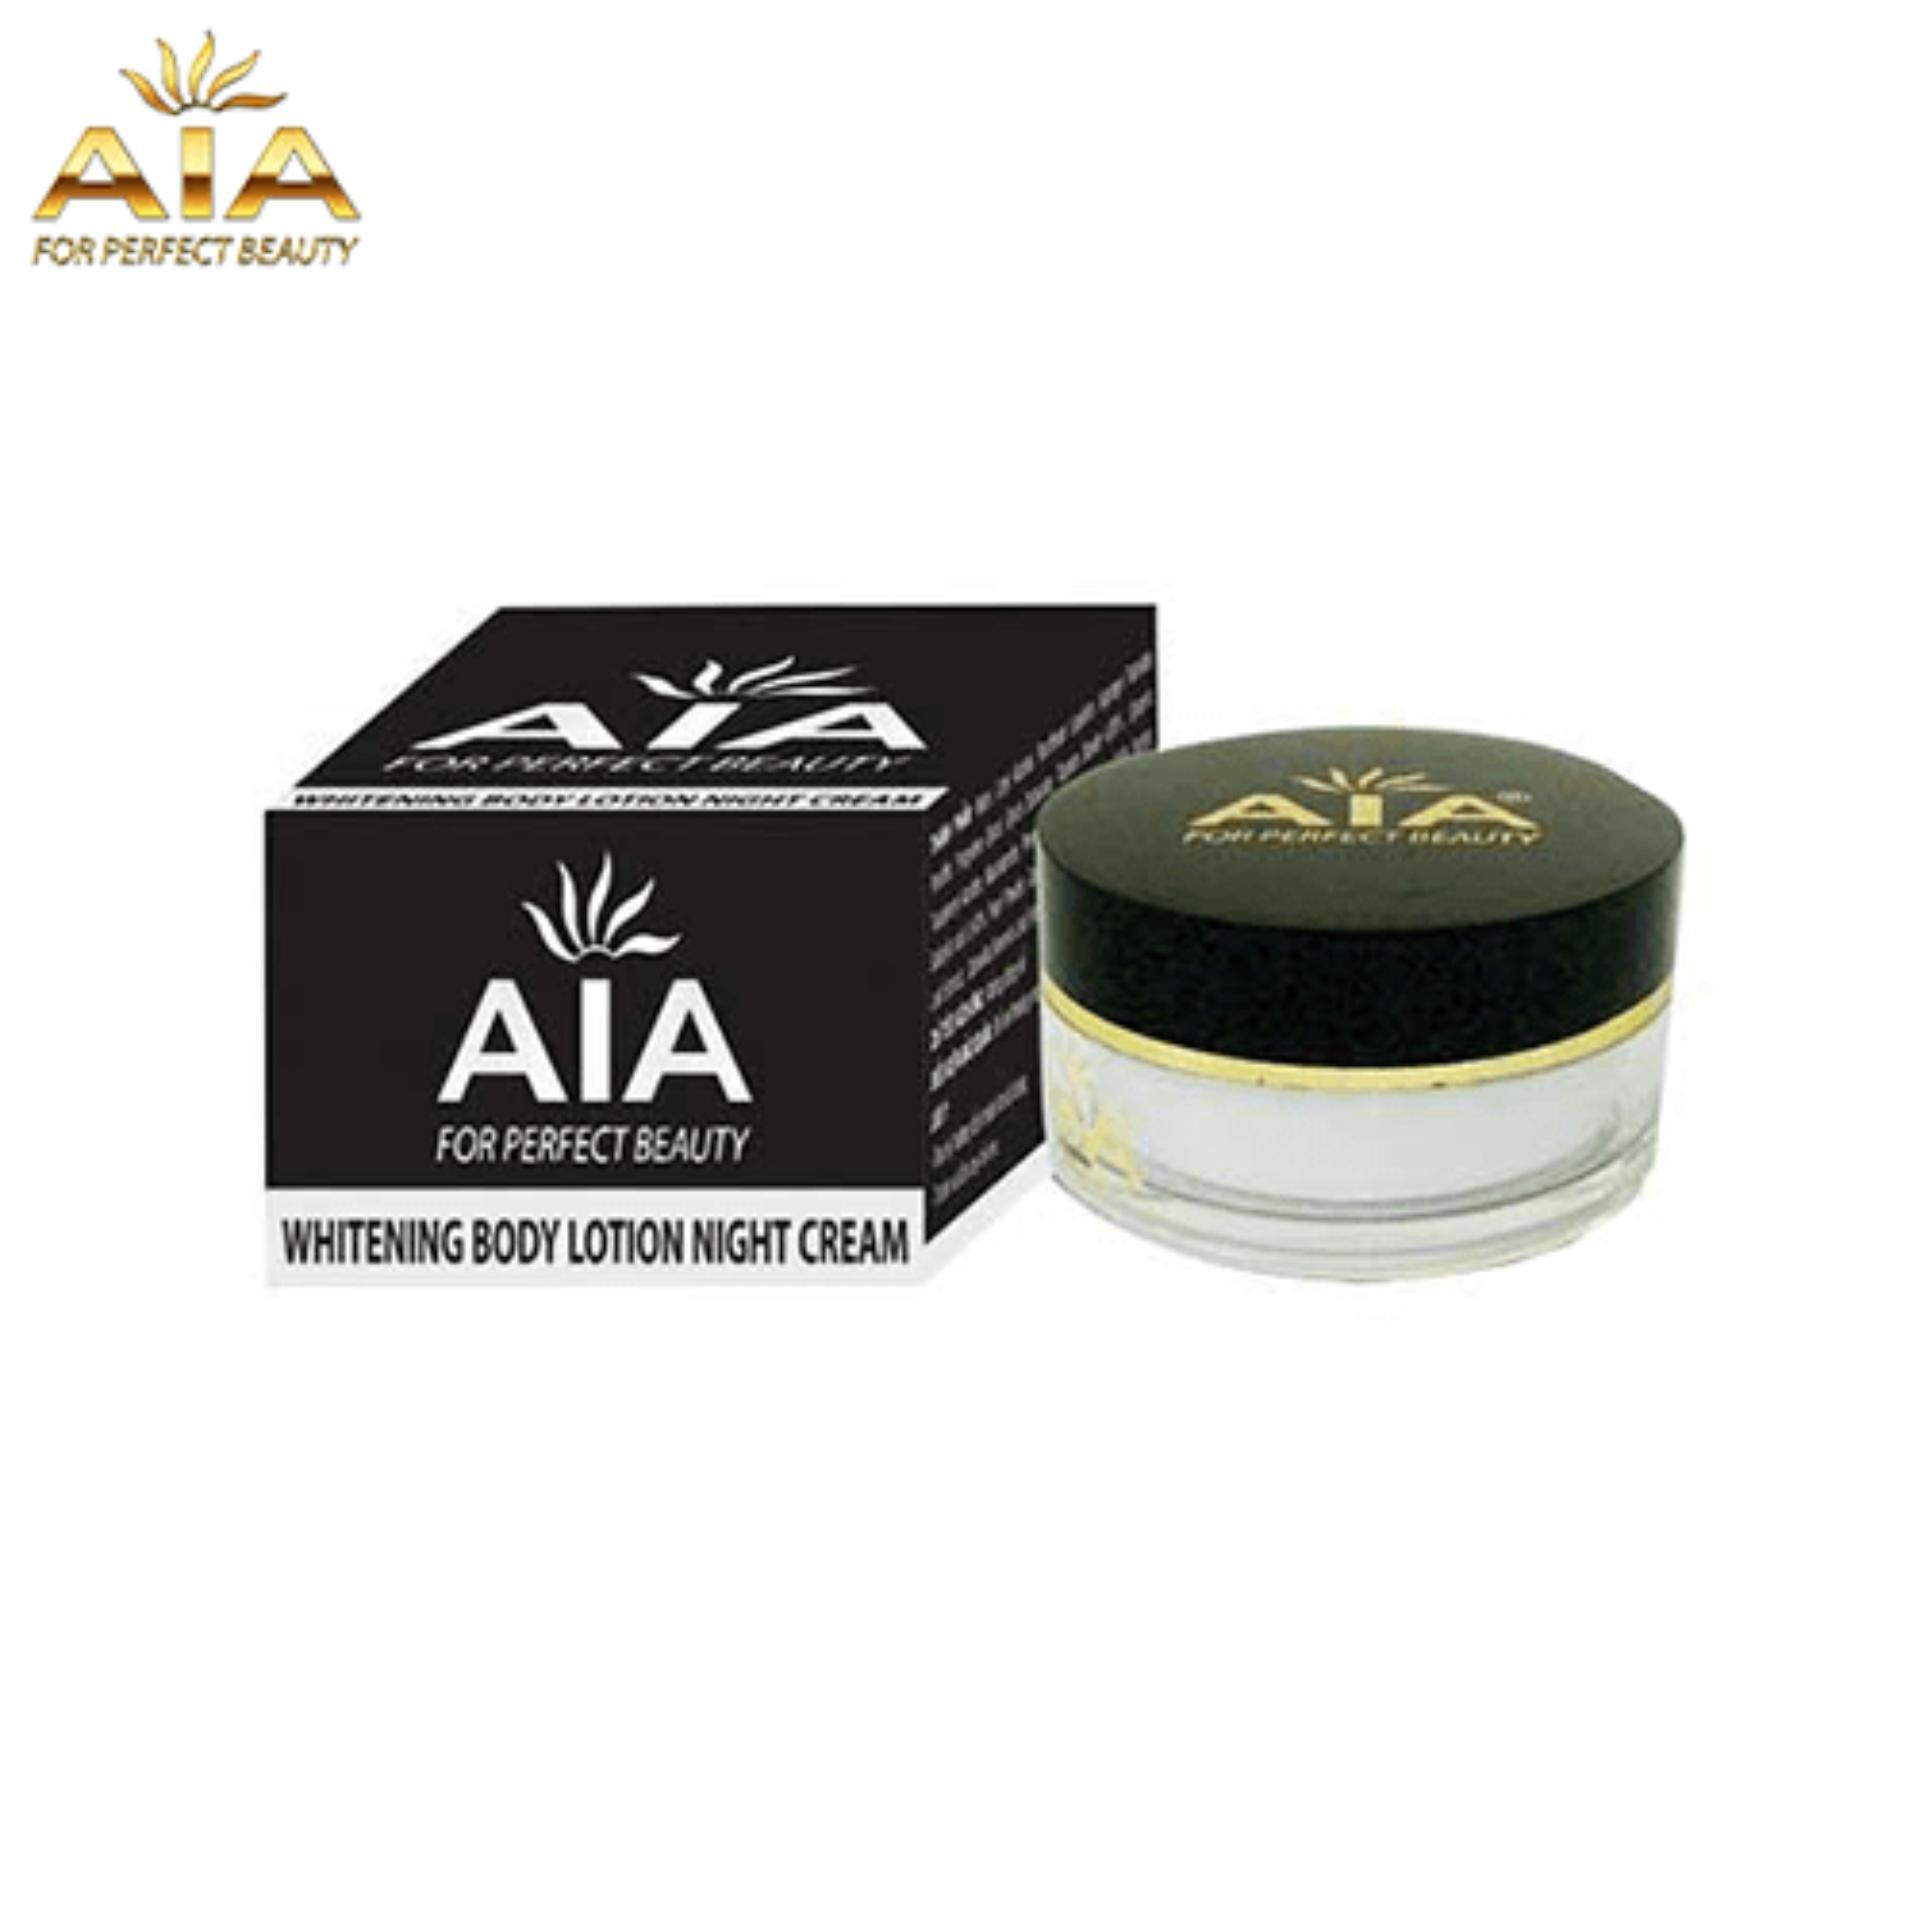 Mỹ Phẩm AIA – Kem Dưỡng Da Toàn Thân Ban Đêm, Whitening Body Lotion Night Cream AIA (150g)